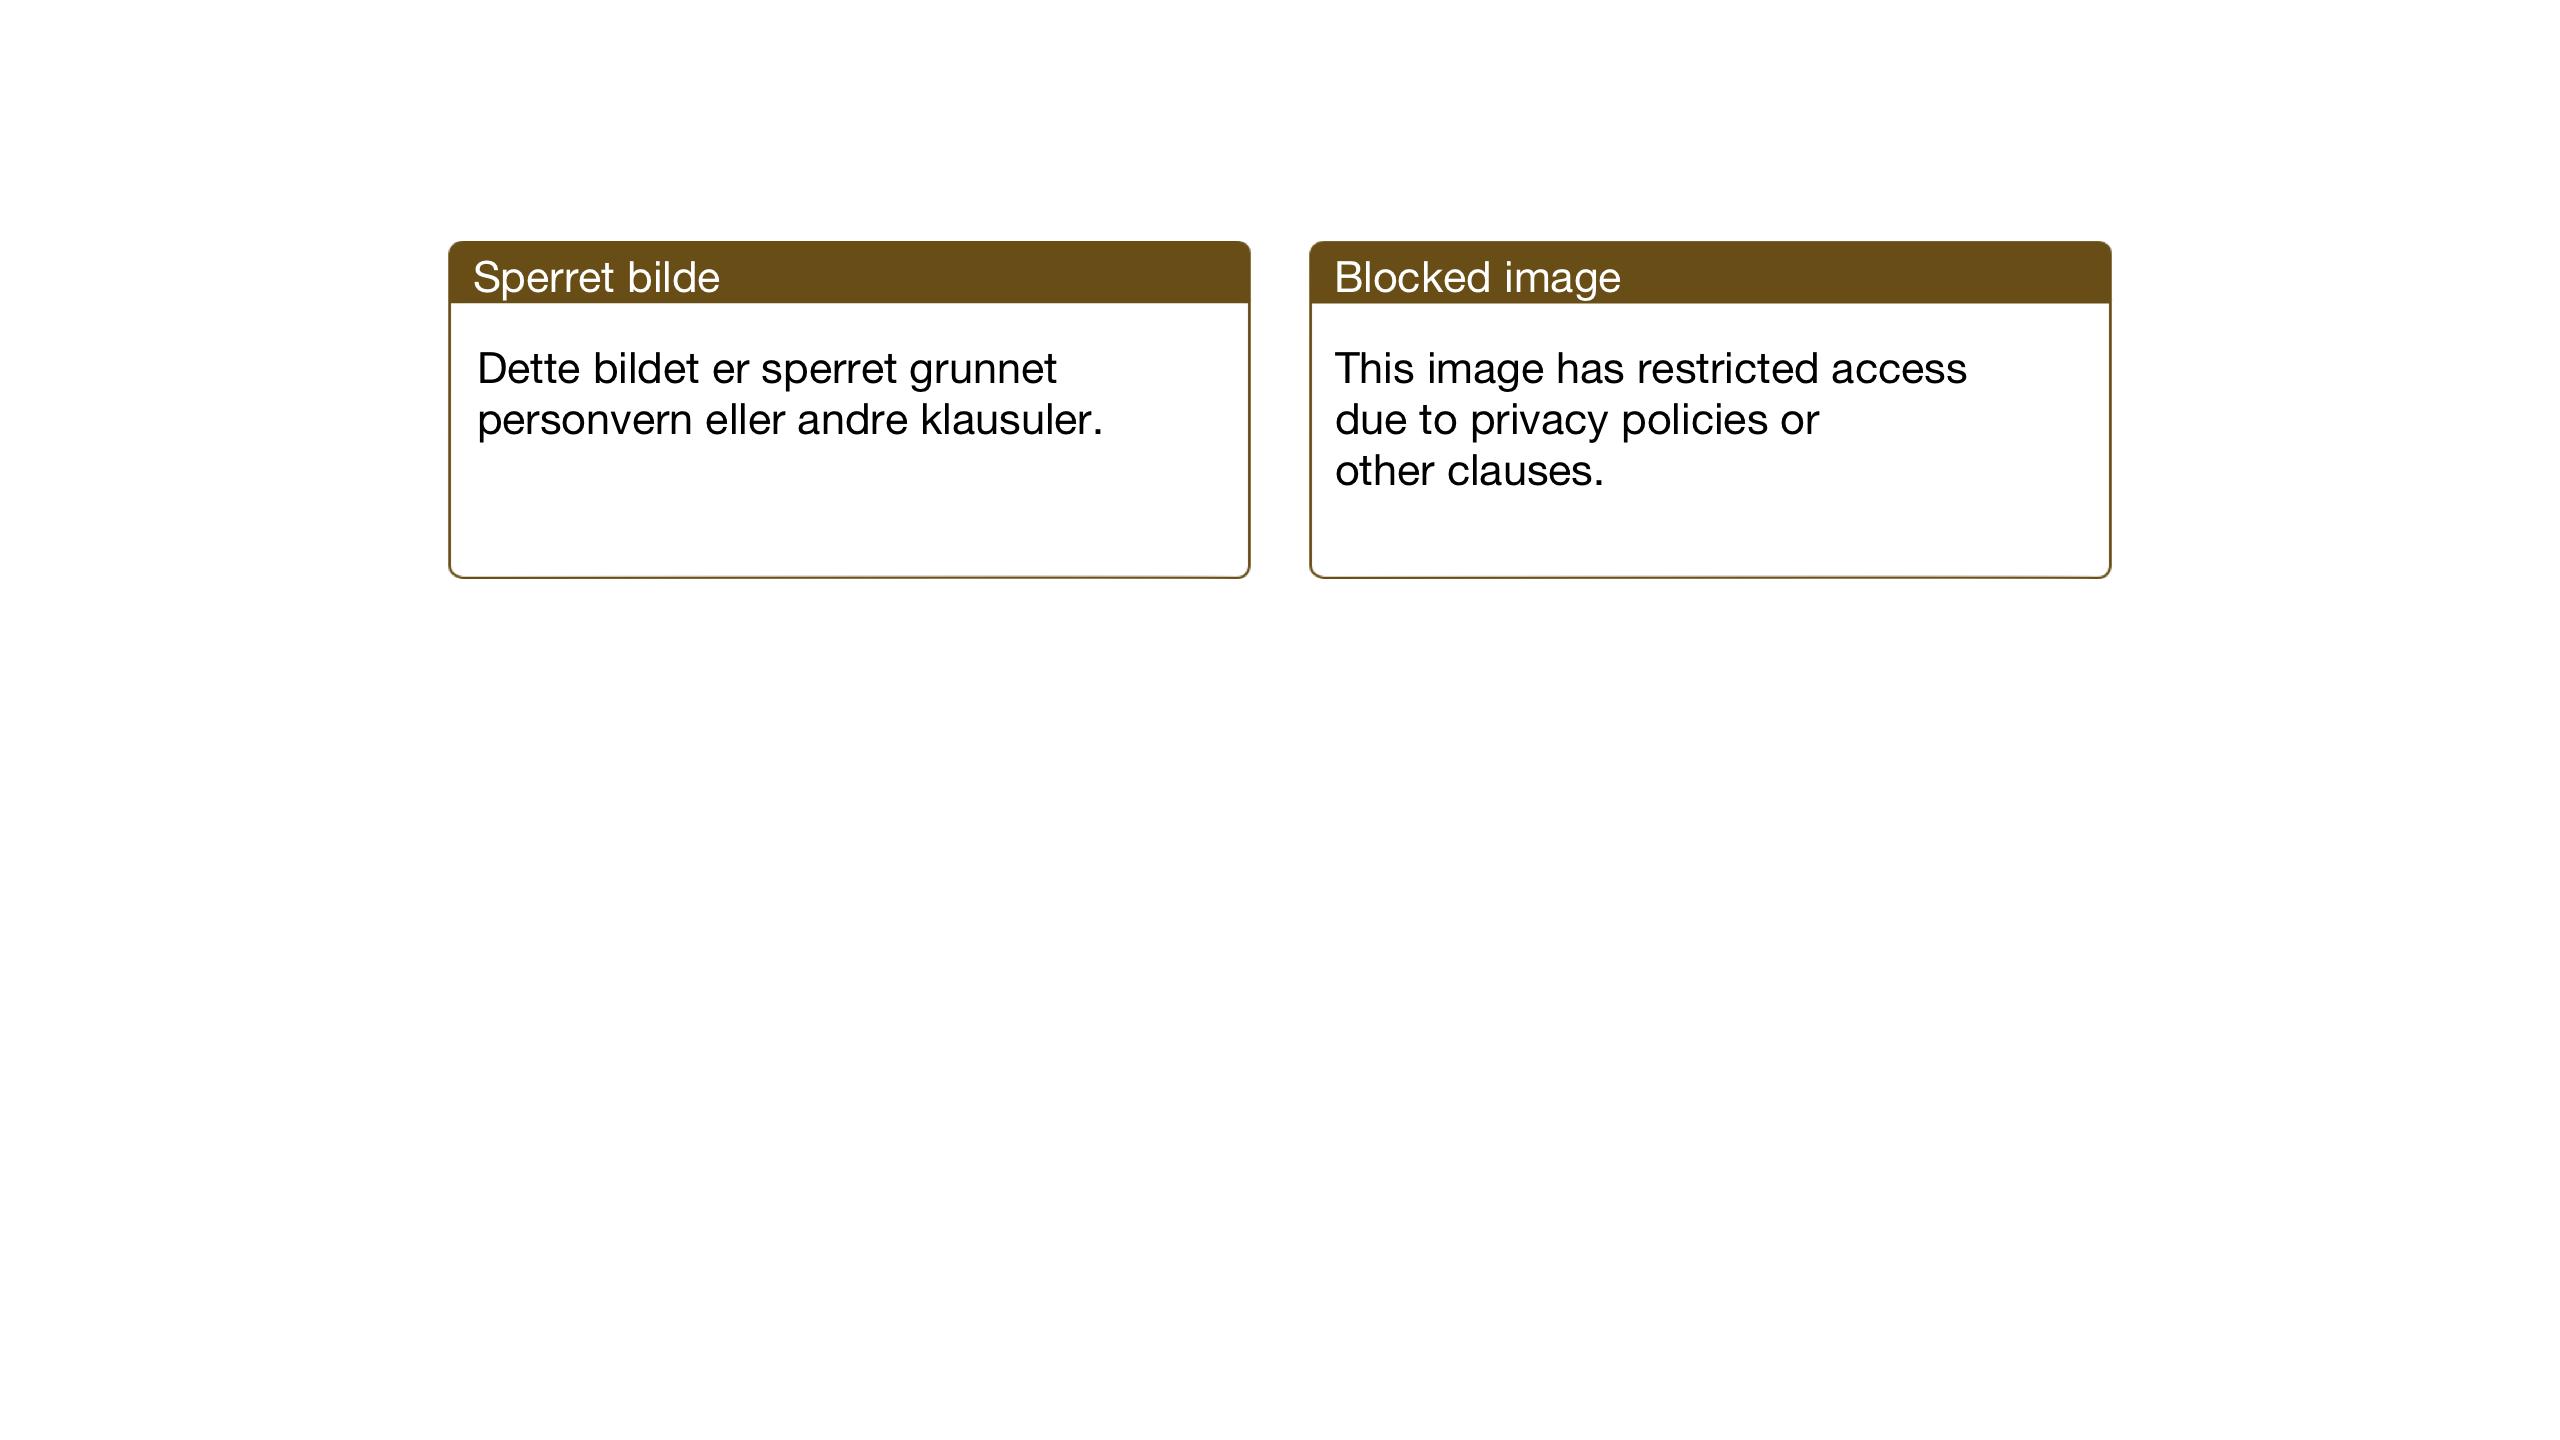 SAT, Ministerialprotokoller, klokkerbøker og fødselsregistre - Sør-Trøndelag, 630/L0508: Klokkerbok nr. 630C06, 1933-1950, s. 219